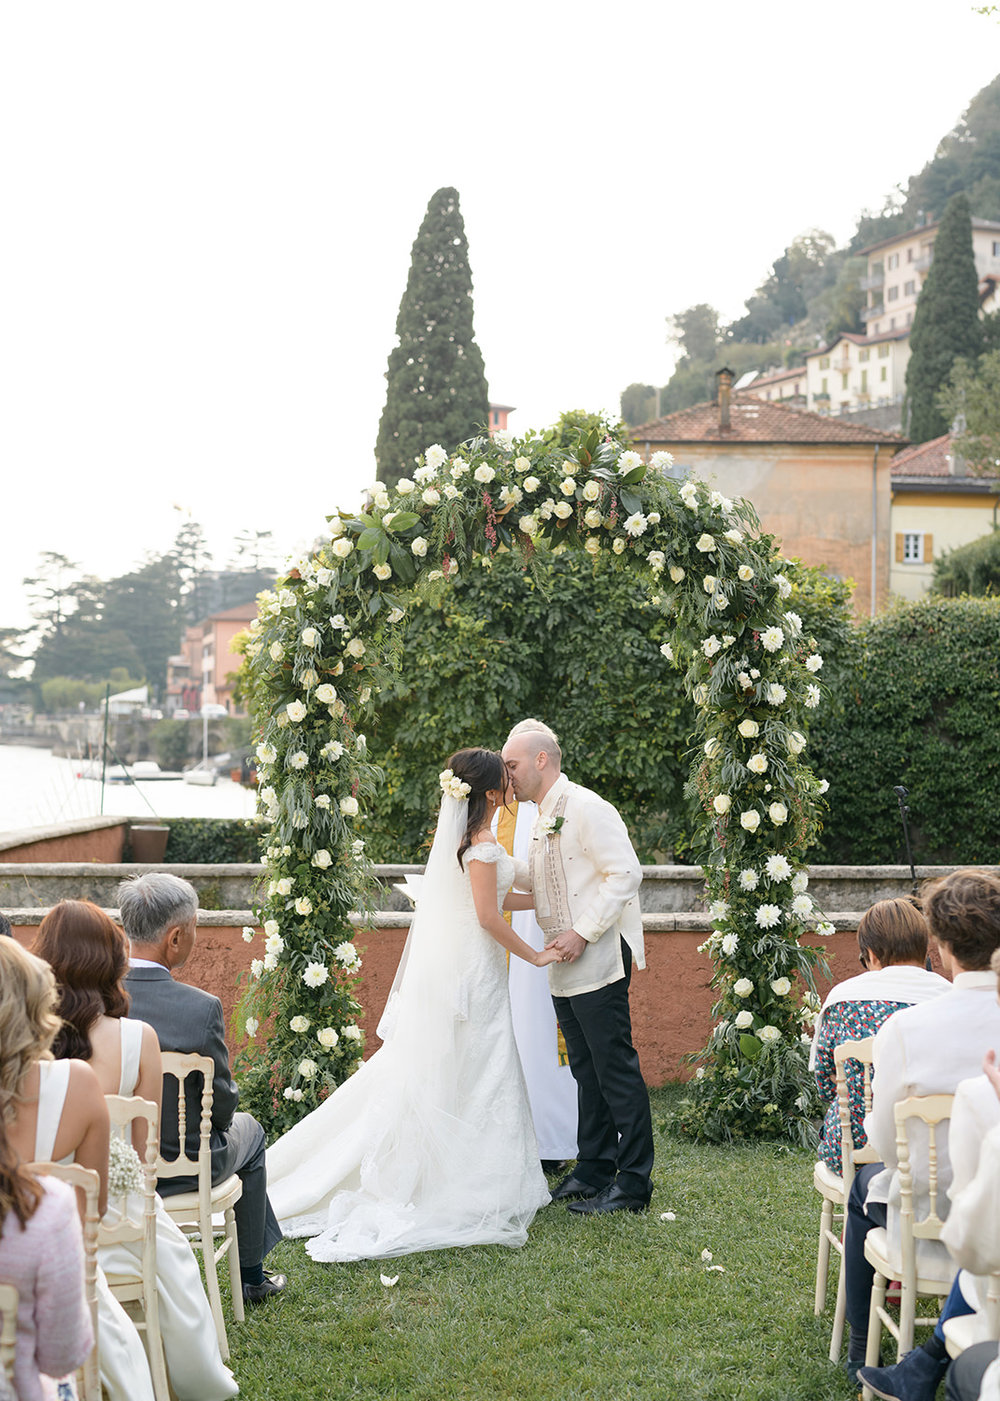 villa-regina-teodolinda-wedding-photographer-C&B-©bottega53-62.JPG